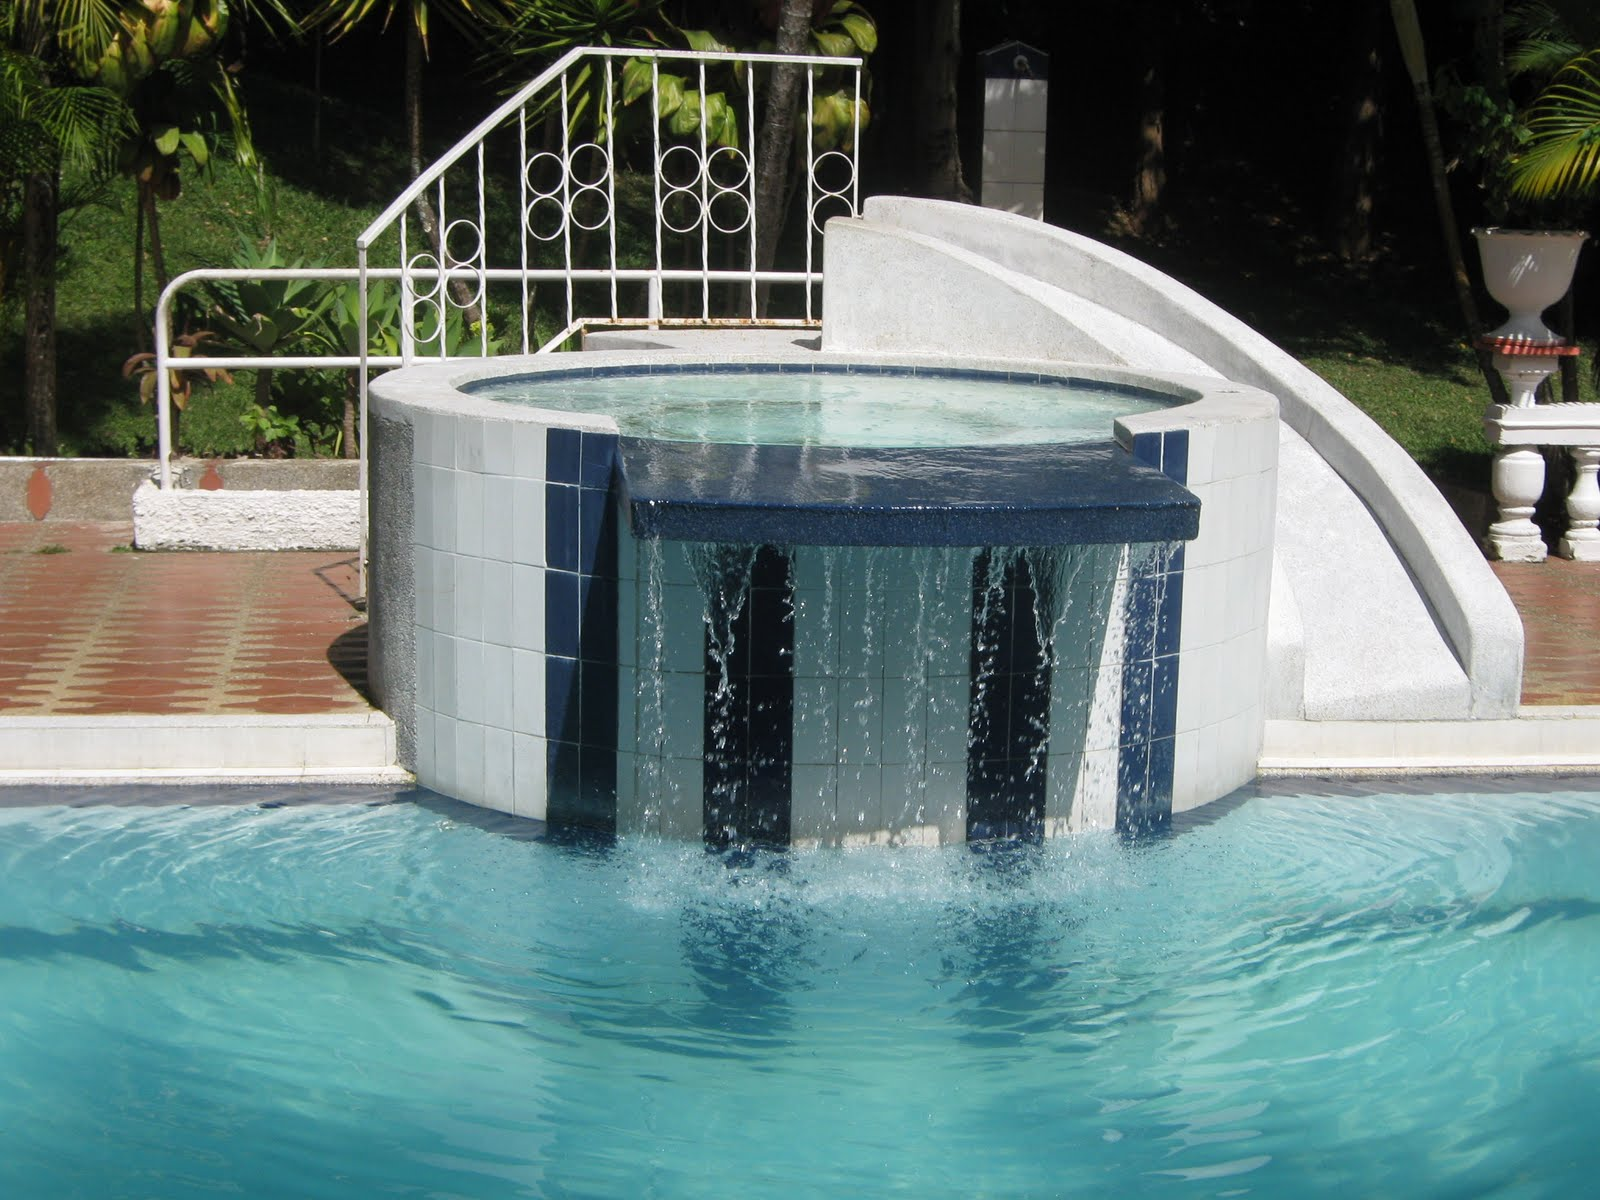 Zwembadenonderhoud modelos de piscinas for Modelos de reposeras para piscinas